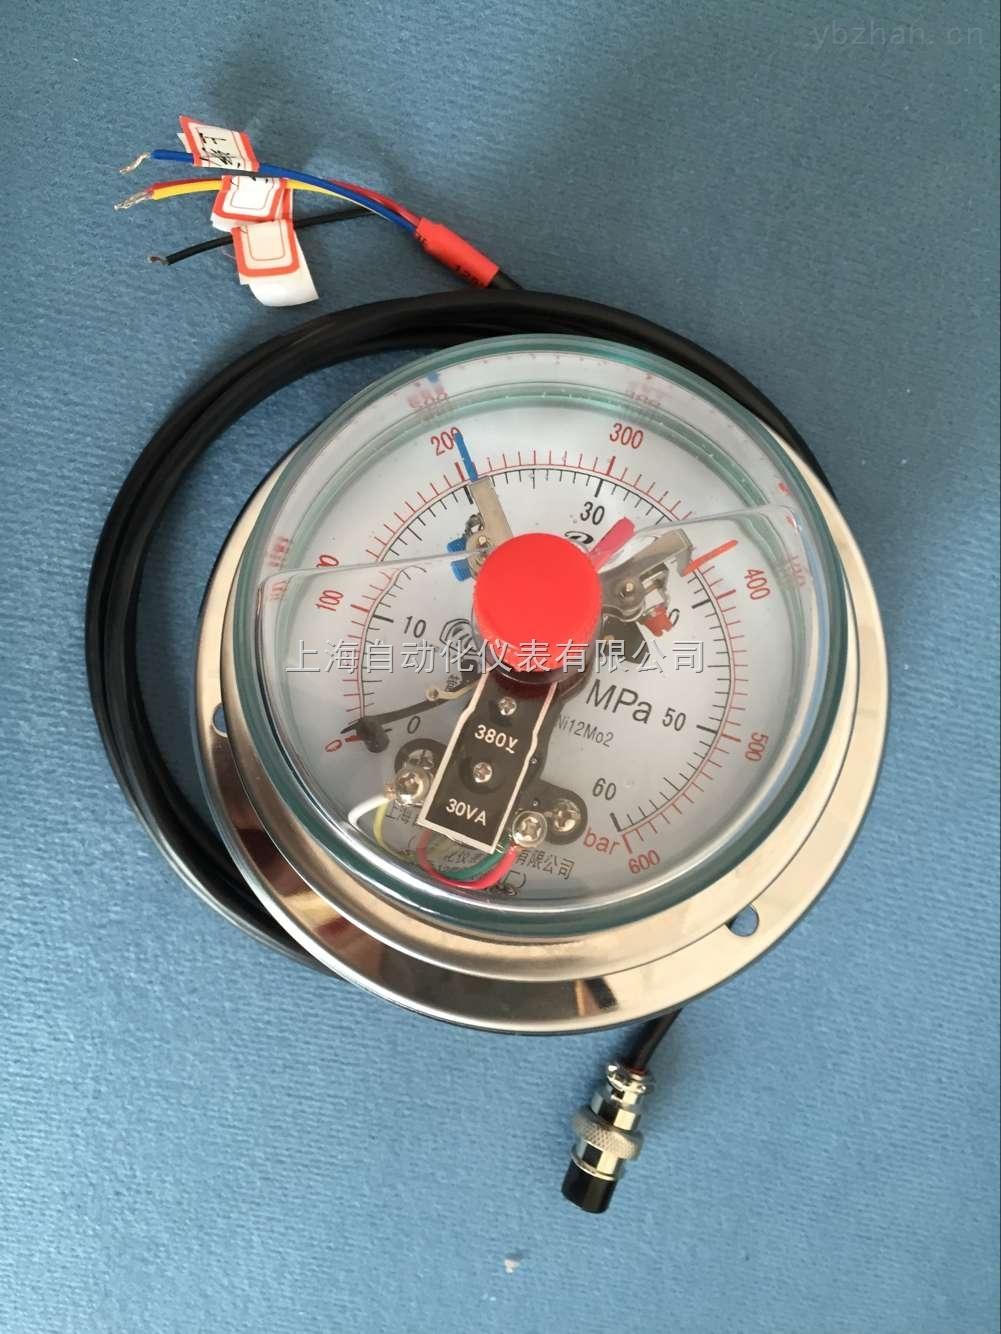 电接点压力表  特种磁助电接点压力表具有结构新颖